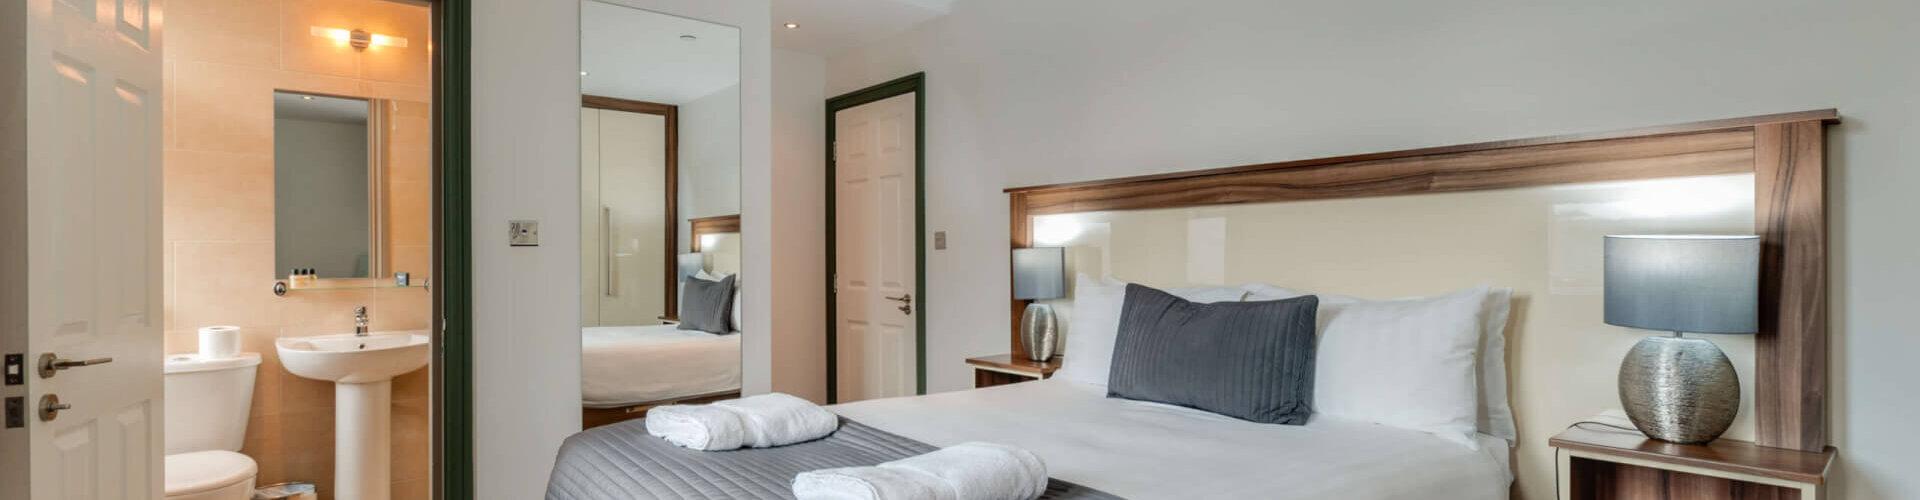 Bedroom Liverpool